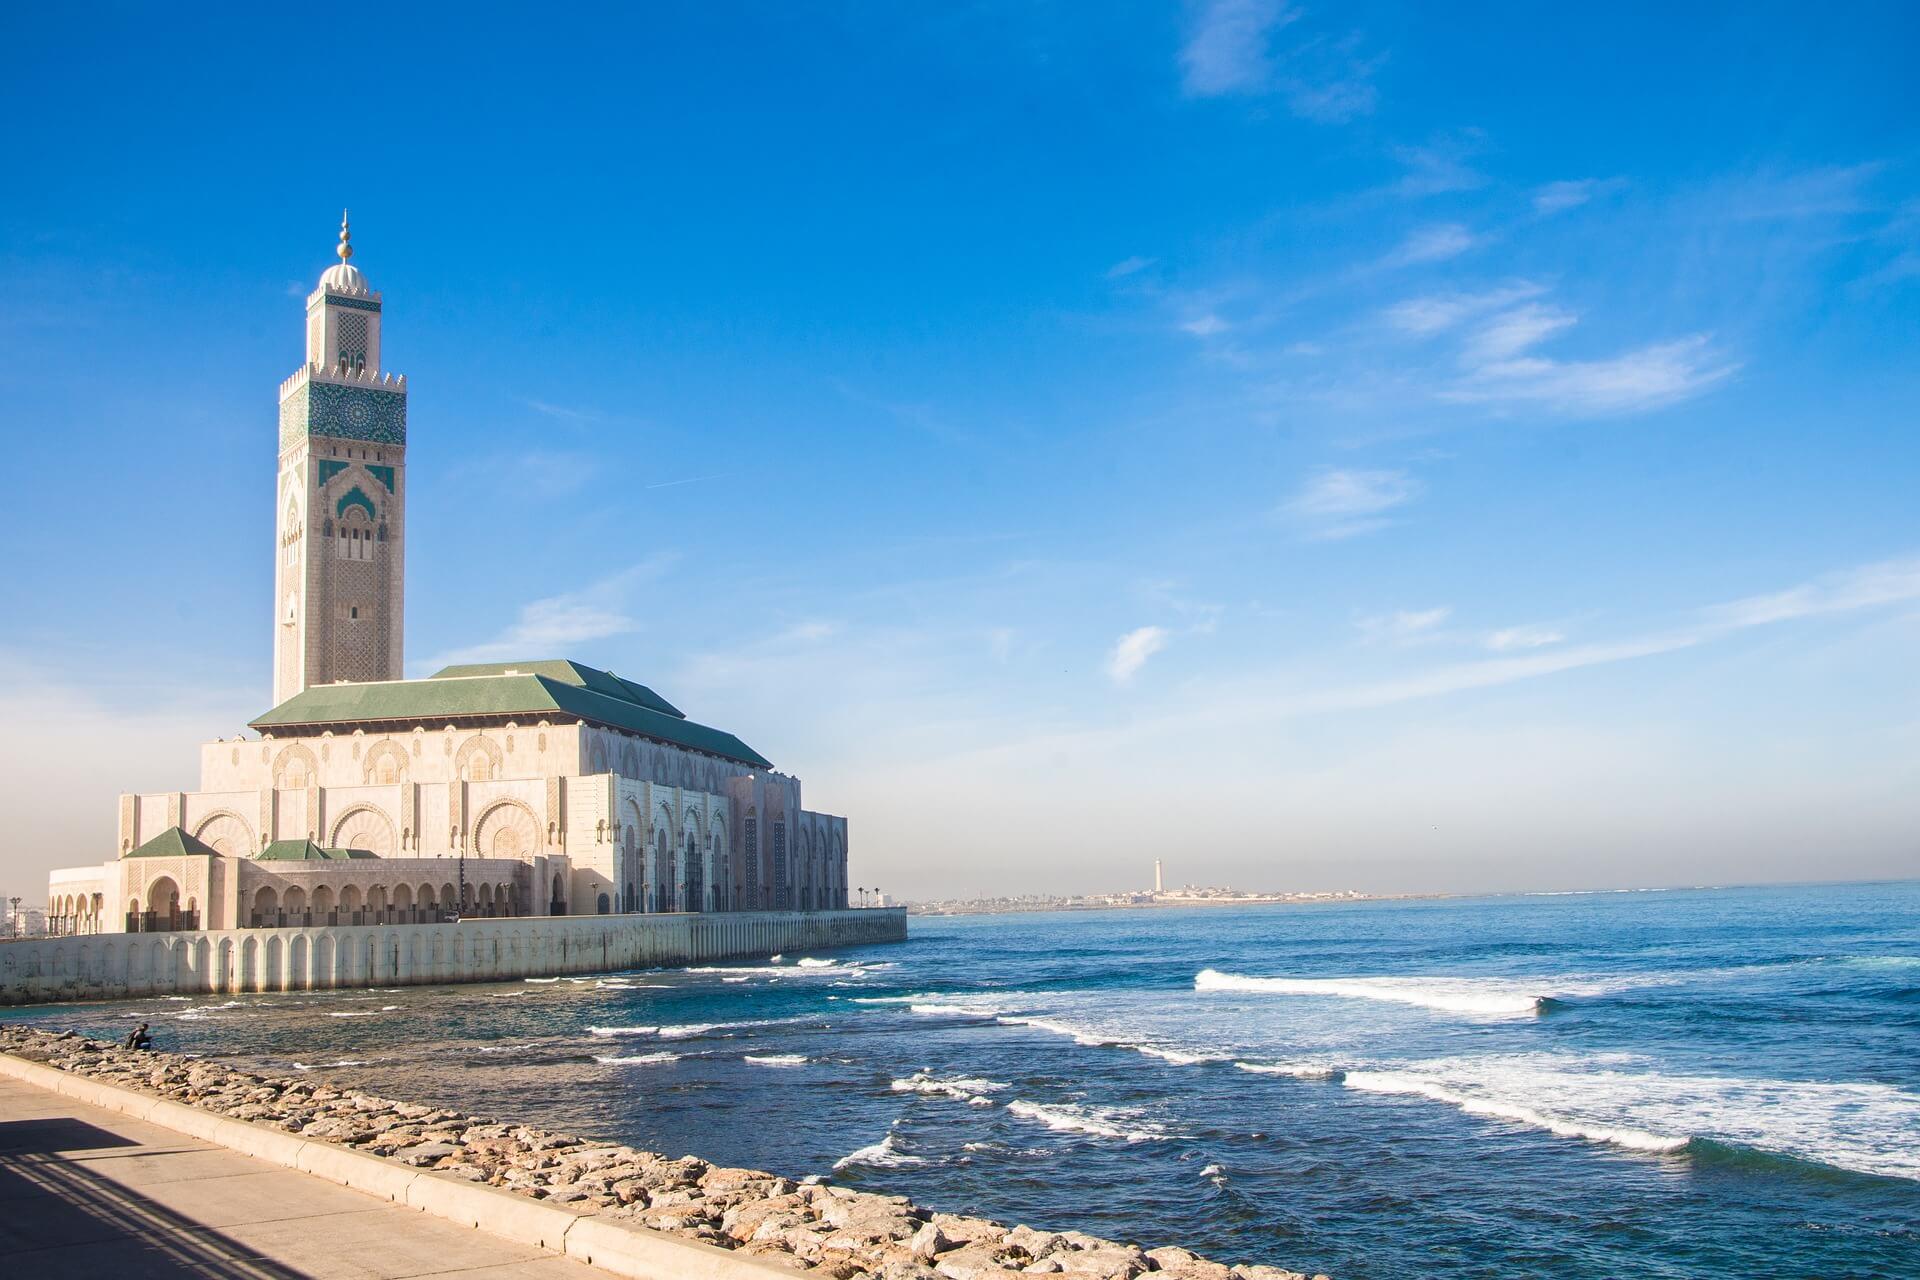 Sahara Desert Tour - Get To Know Morocco - Casablanca